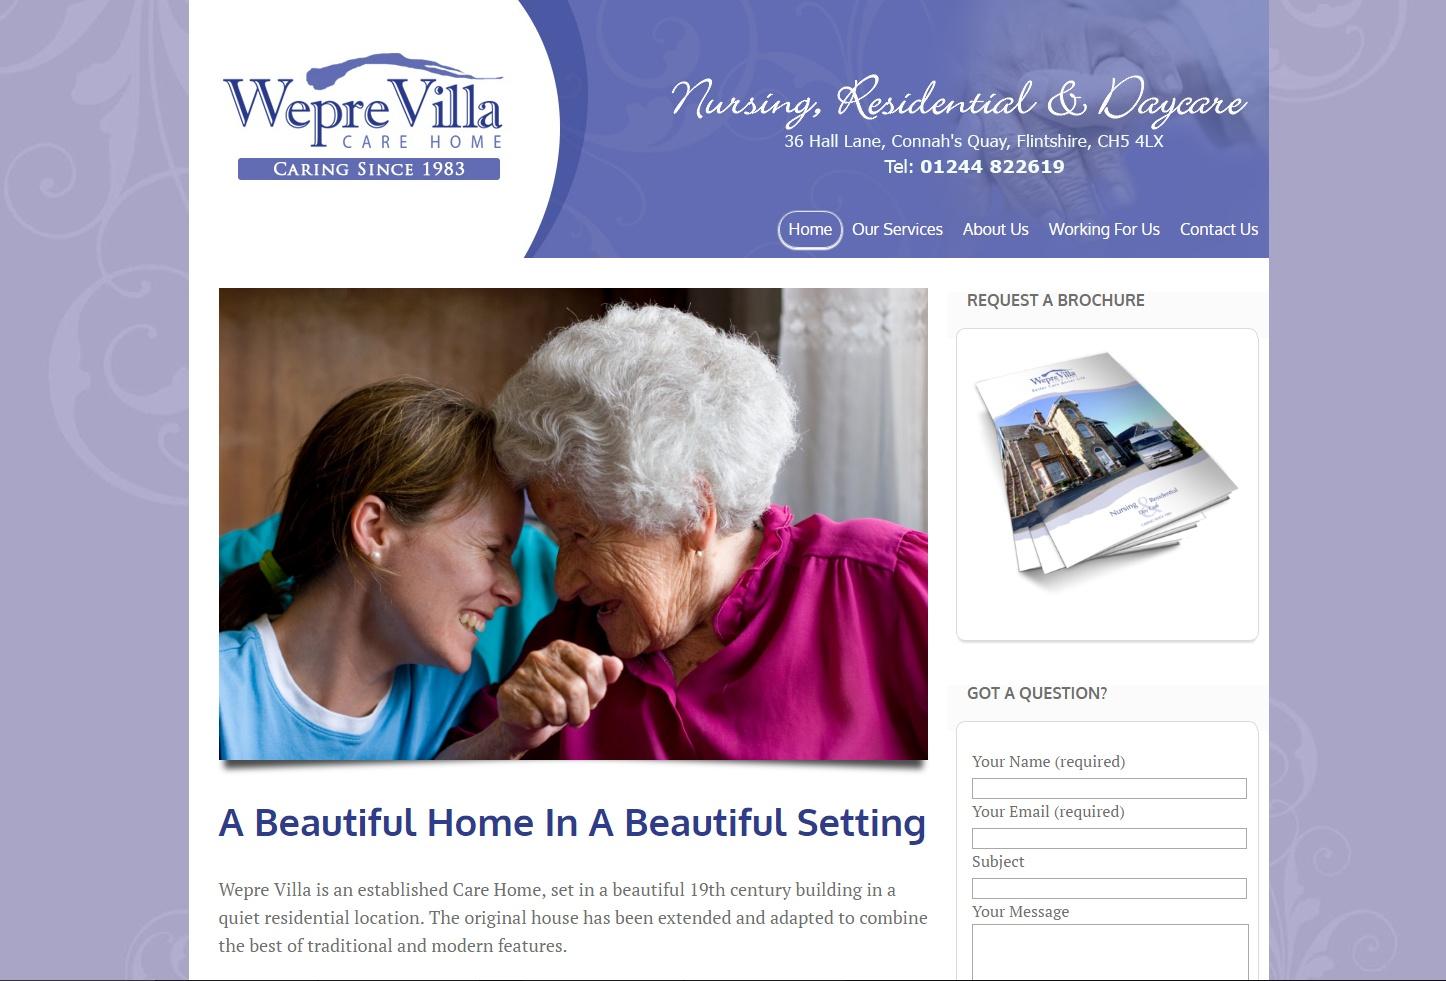 weprevilla-care-home